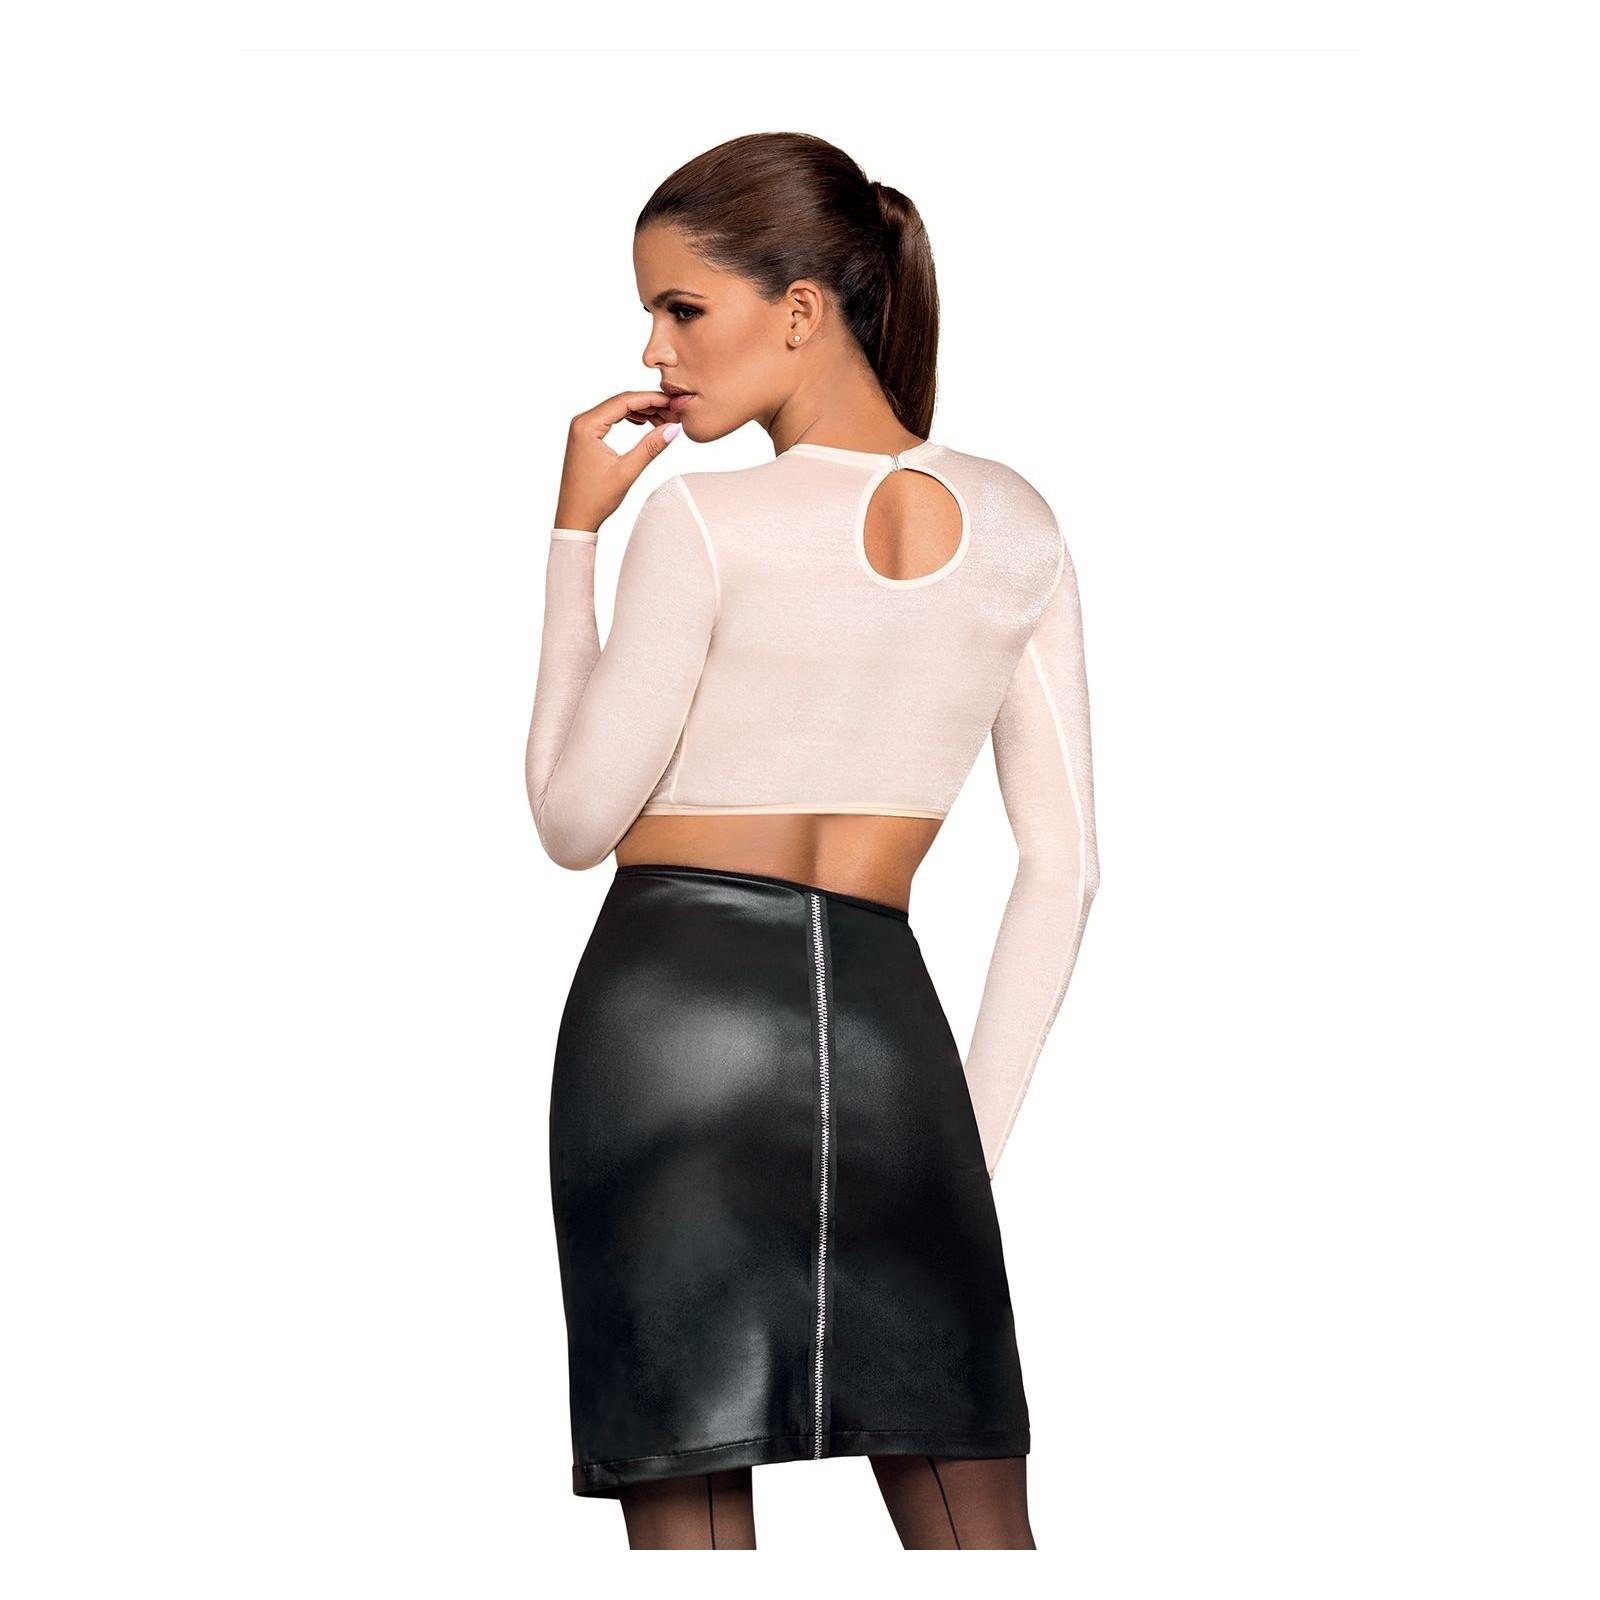 Bossy Outfit - 4 - Vorschaubild